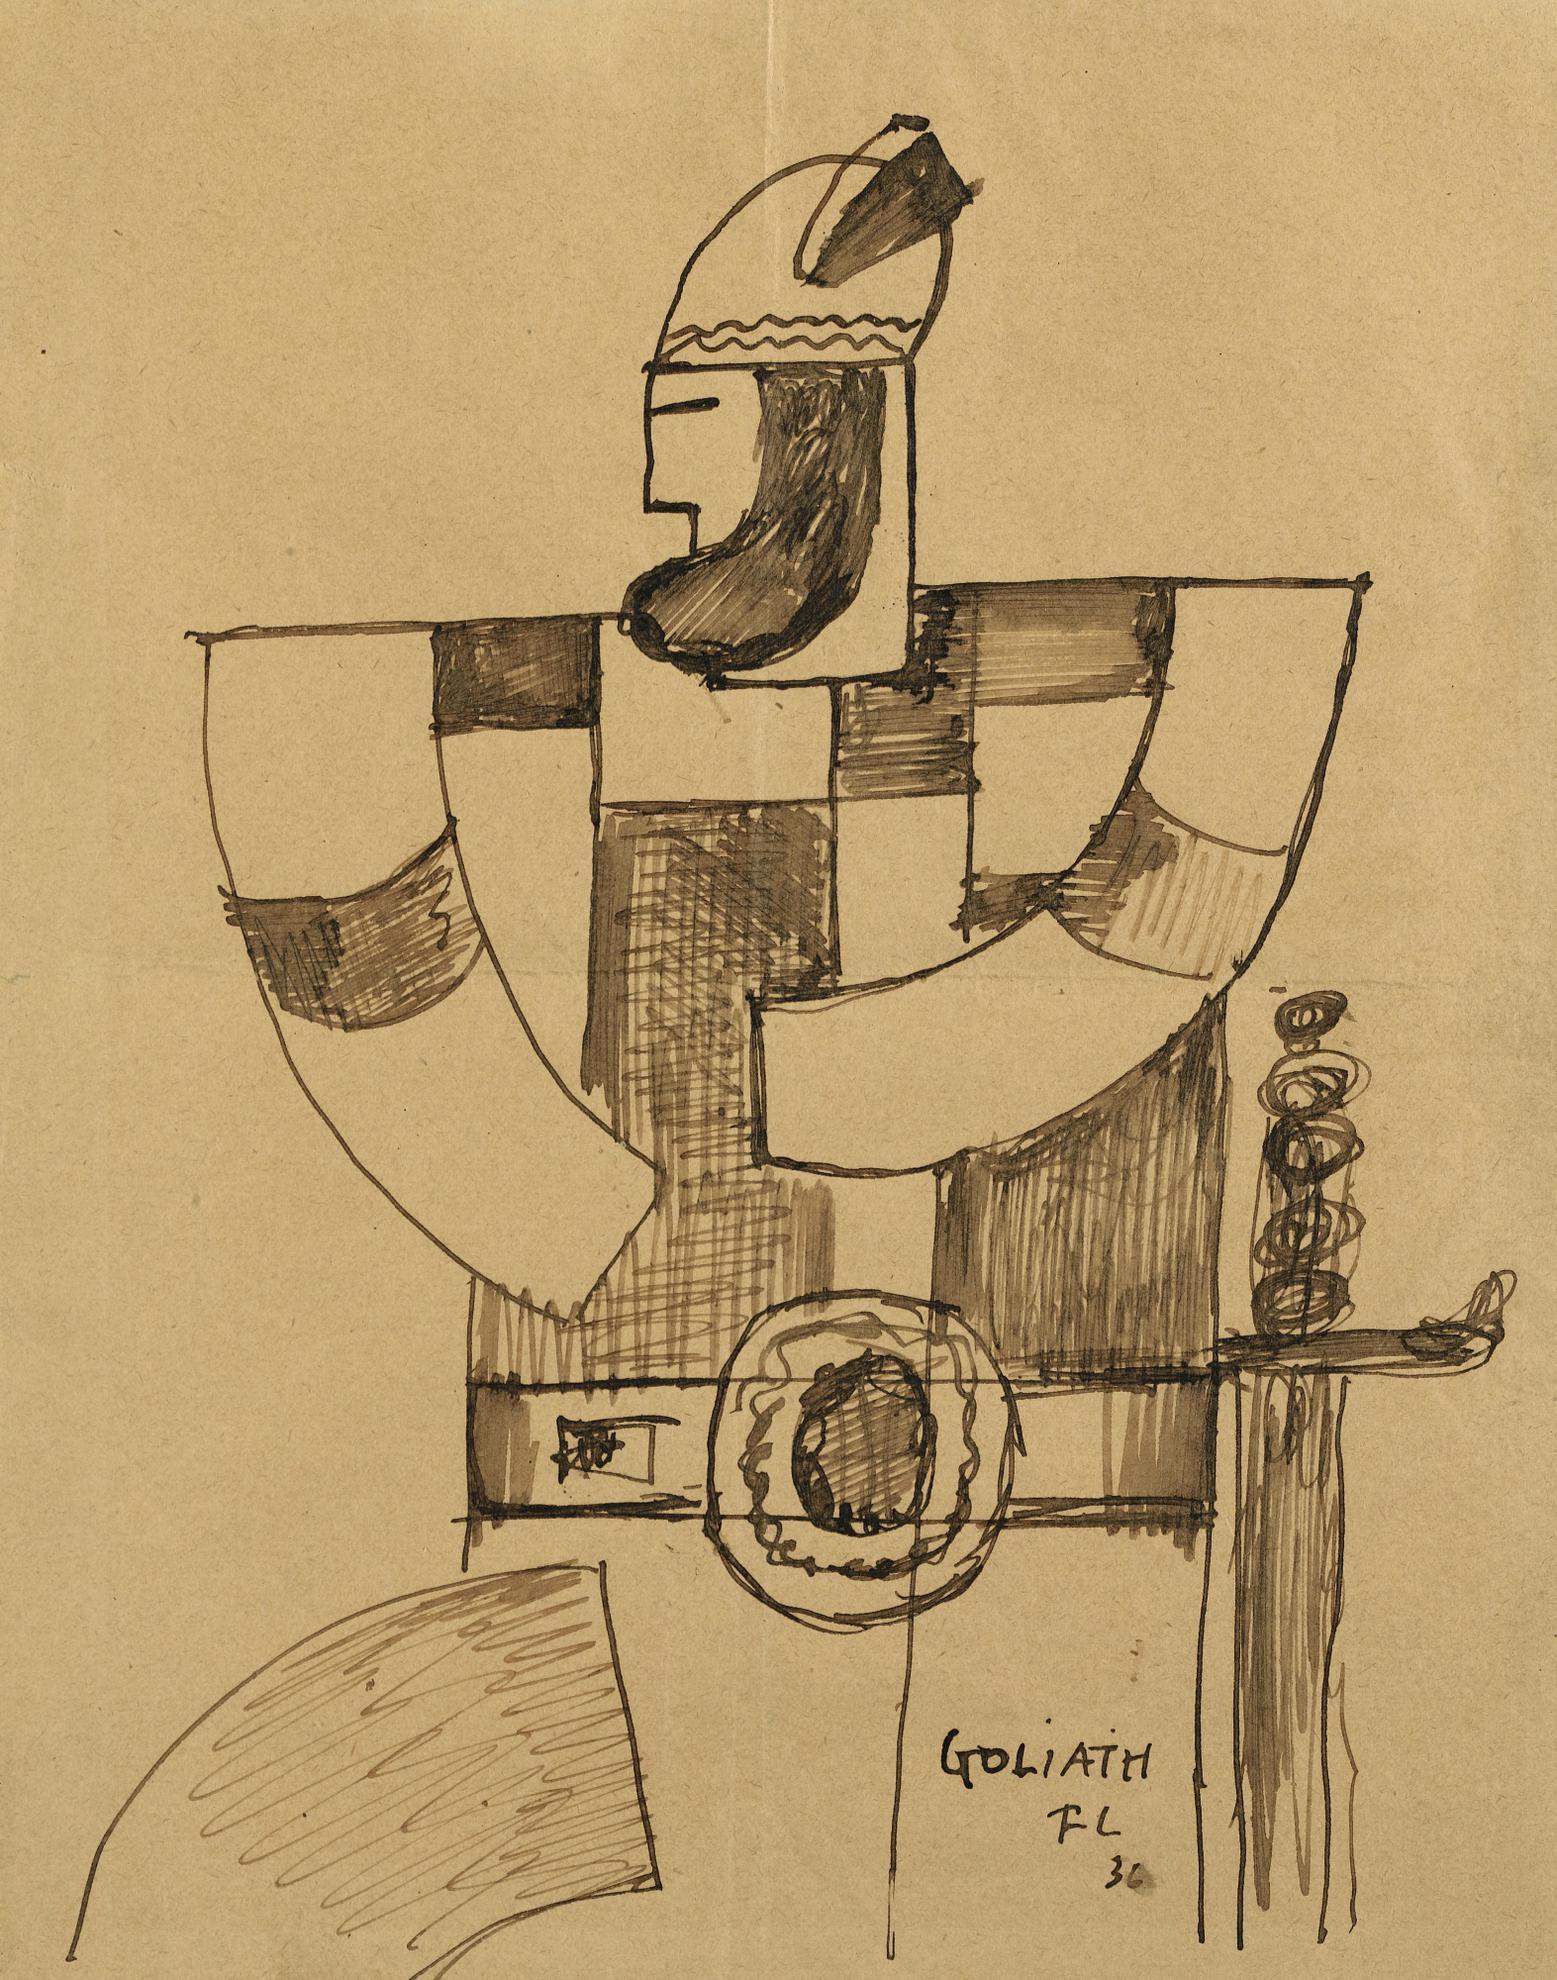 Fernand Leger-David Triomphant - Goliath-1936